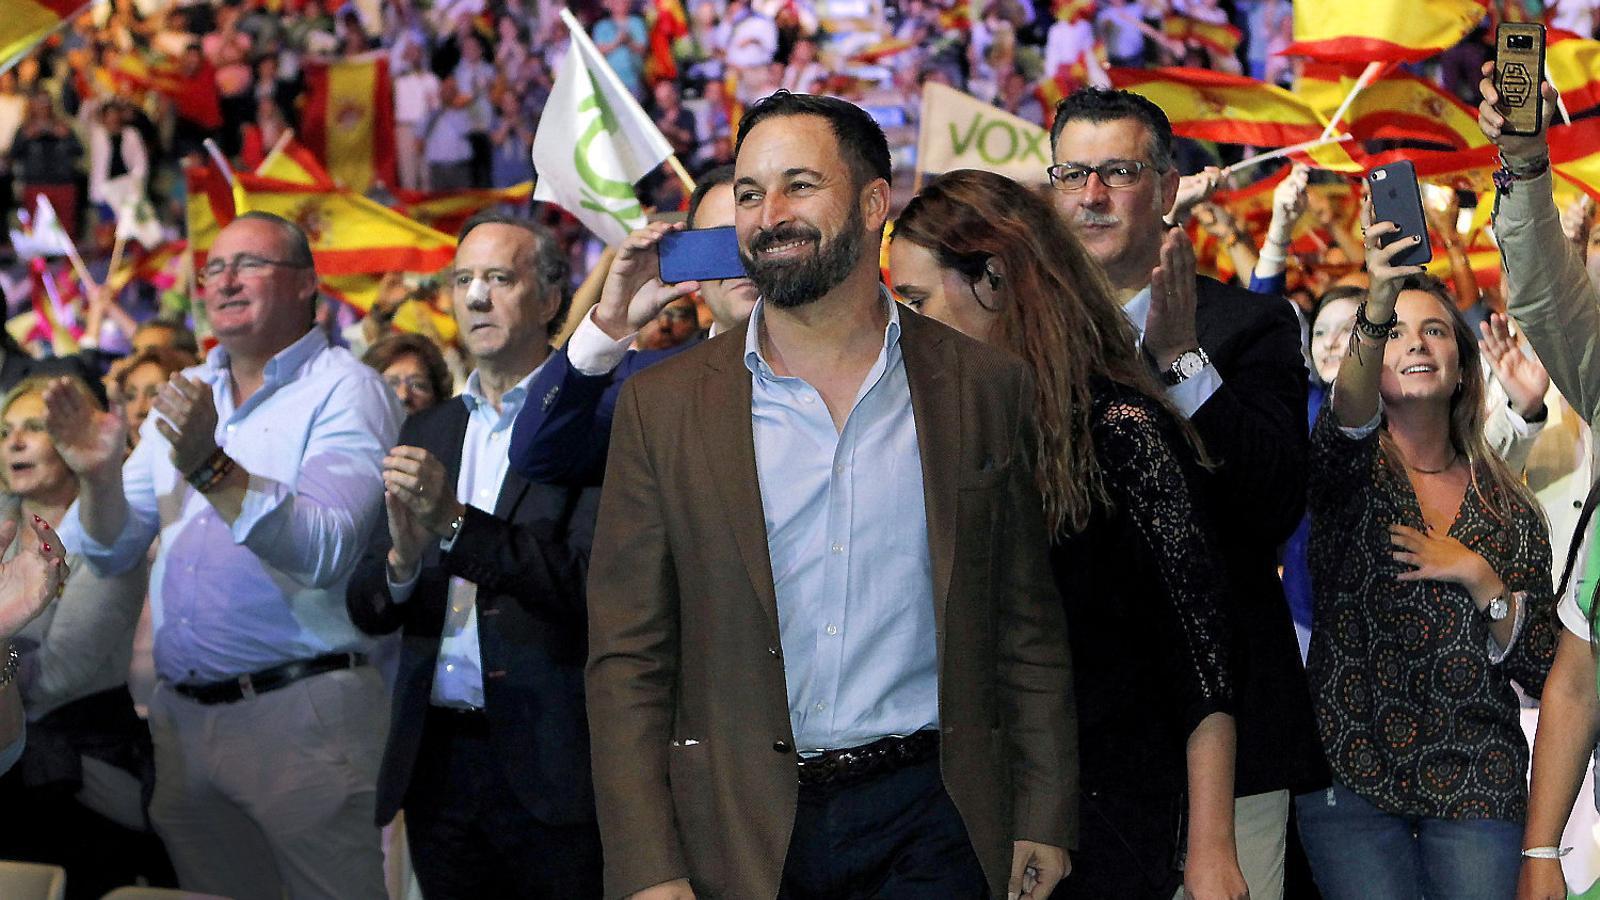 Els ultres de Vox esgarrapen un milió i mig de votants al Partit Popular